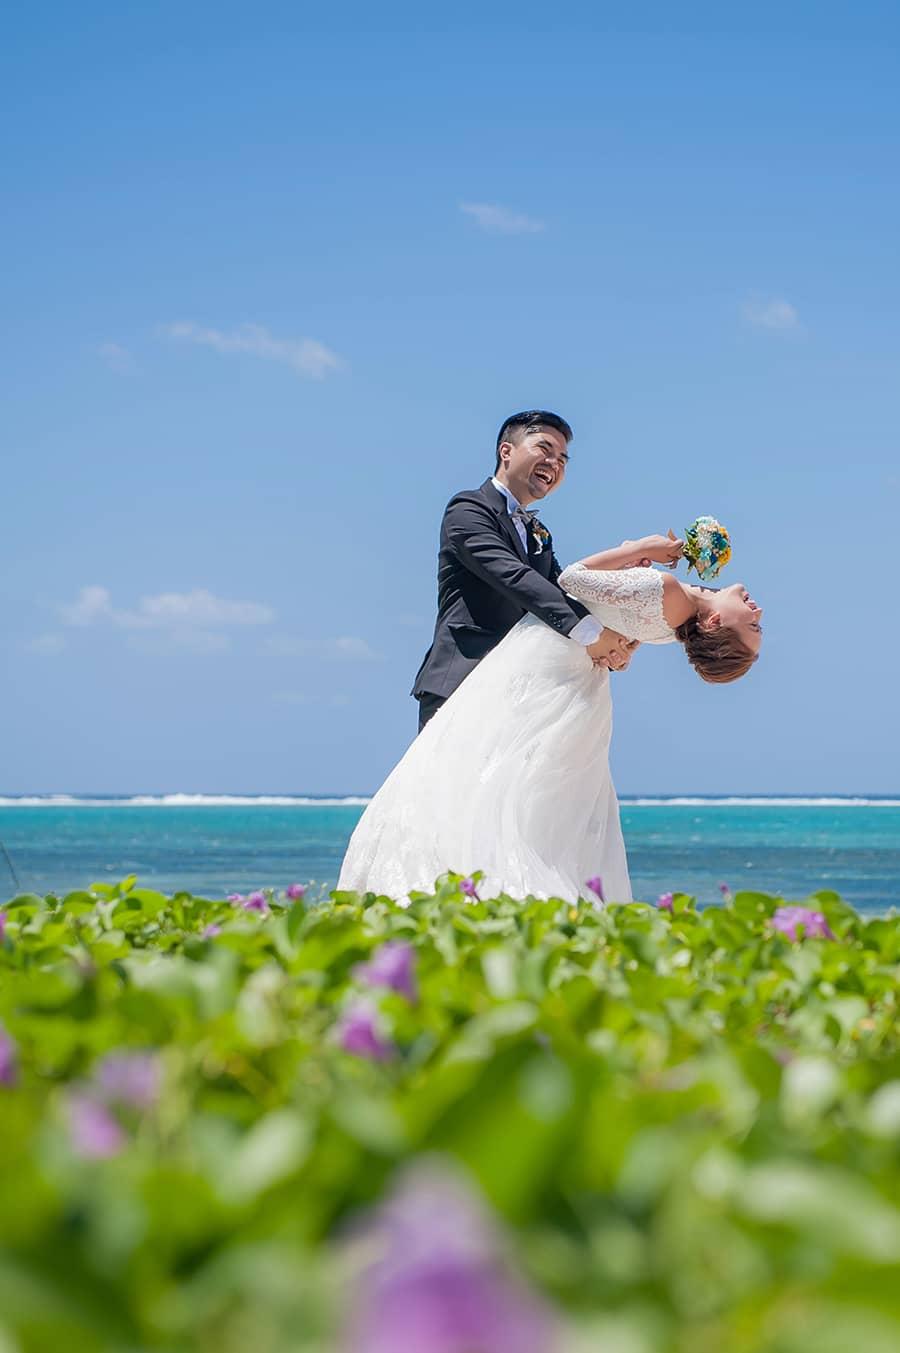 沖繩婚禮,艾葵雅教堂,沖繩婚禮教堂,海外婚紗婚禮,okinawa wedding,艾葵雅教堂婚禮,Aquagrace Chapel